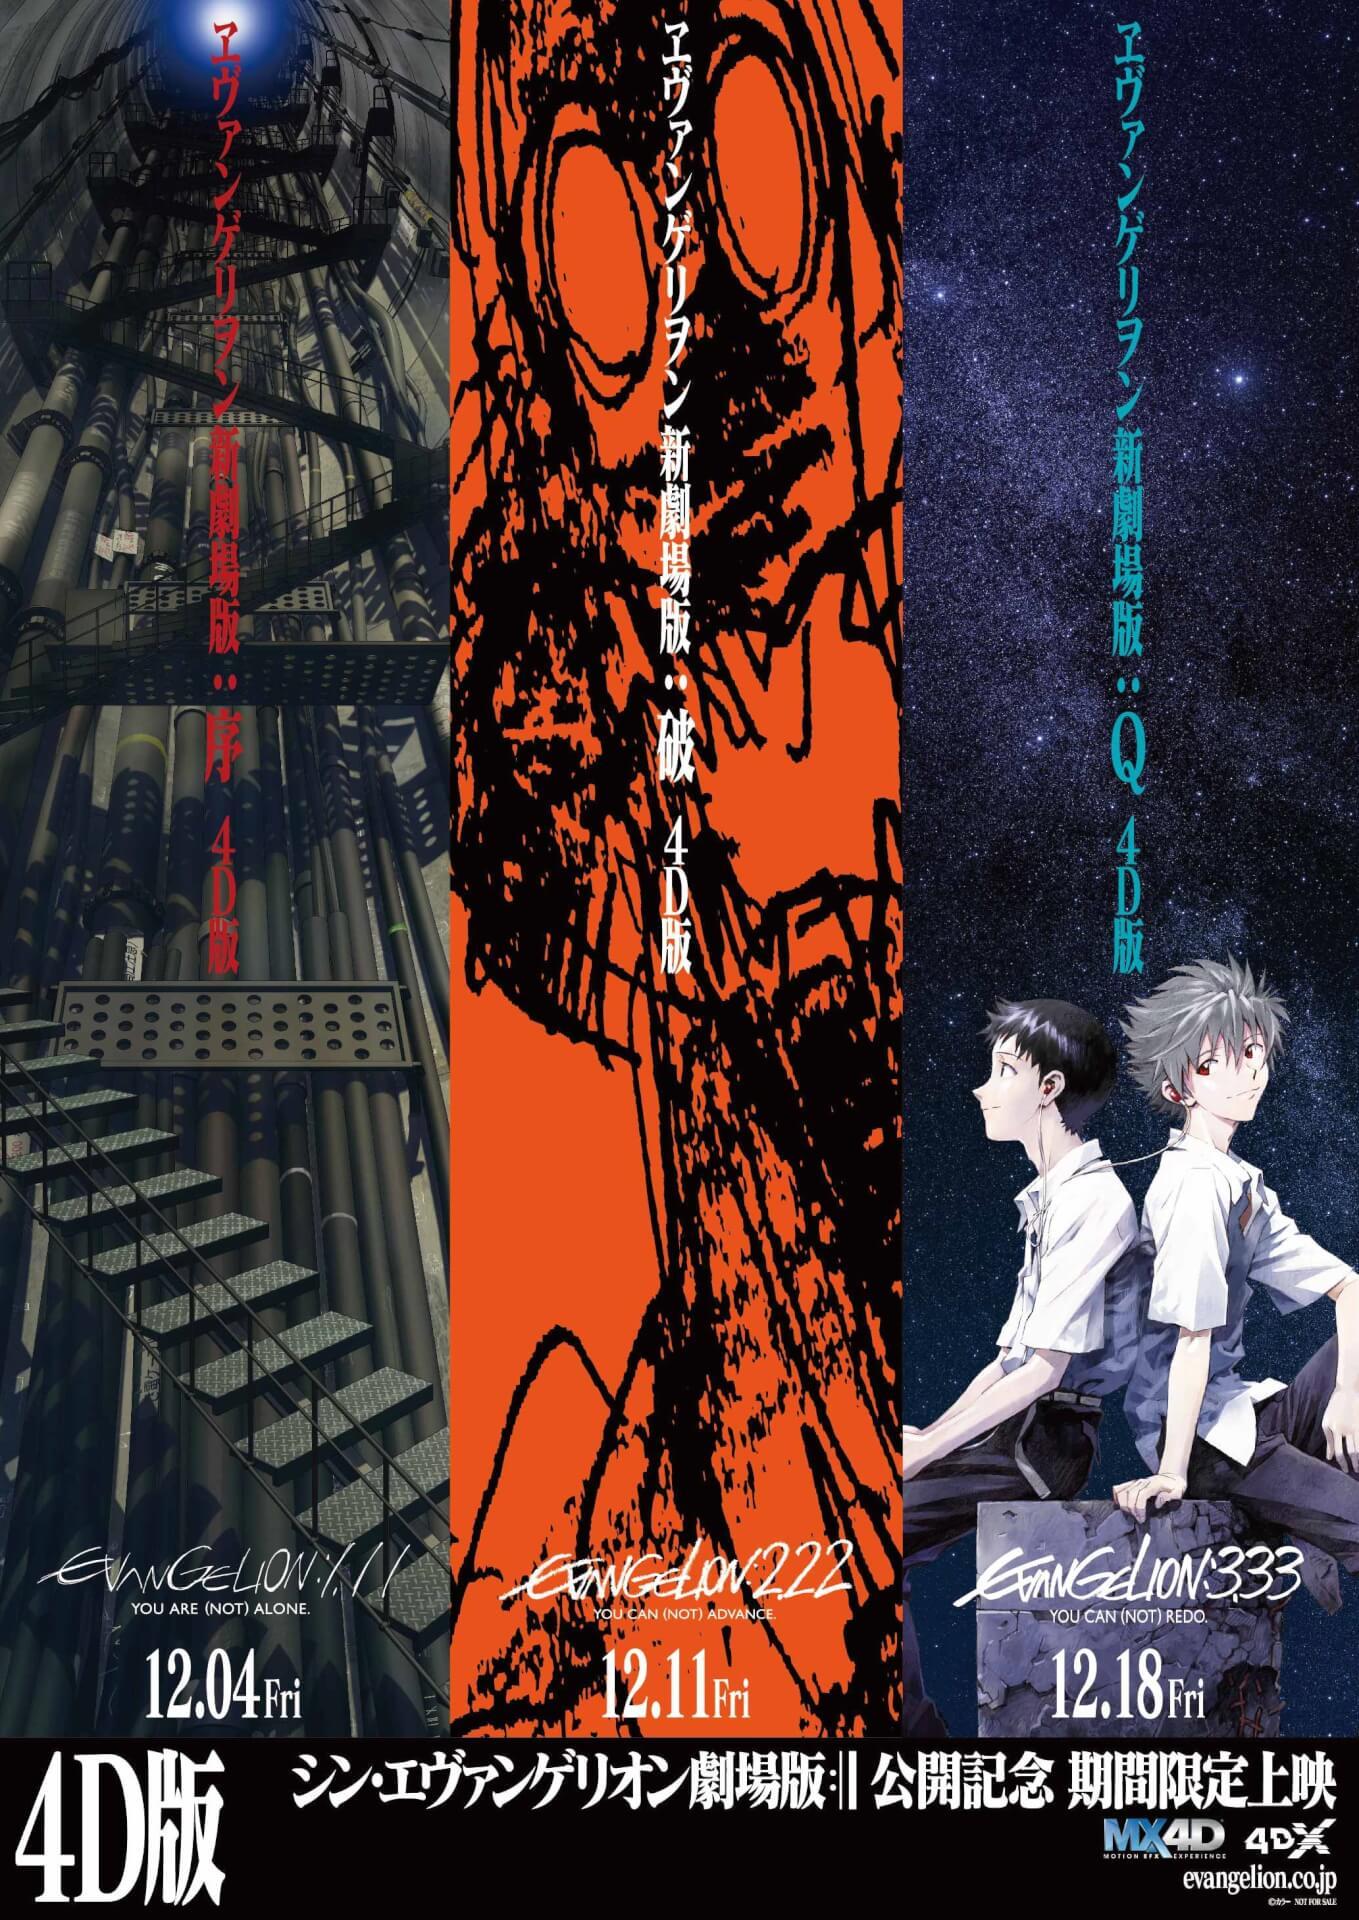 エヴァ25周年!『ヱヴァンゲリヲン新劇場版』シリーズ3作のMX4D、4DX上映が期間限定で決定!ポスター&予告編が完成 film201012_evangelion_main